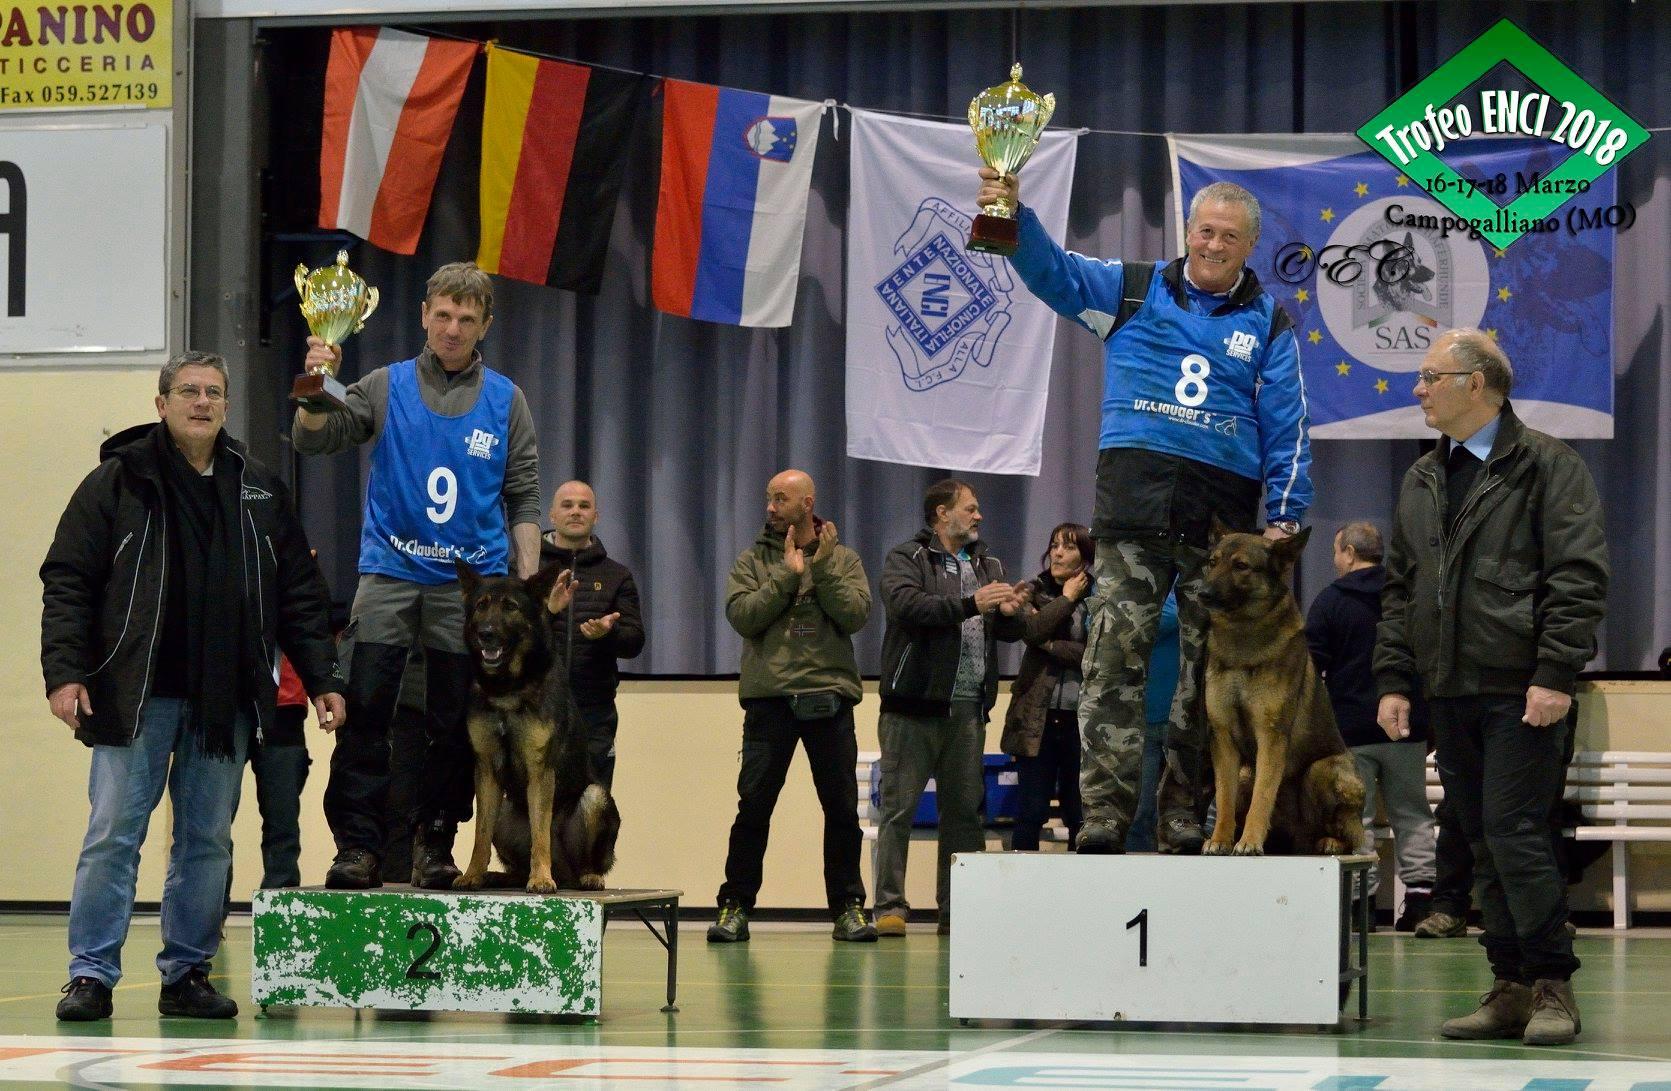 Podio Ipo2  trofeo ENCI 1 classificato Mutz della Decima Mas e Giorgio Marcantoni